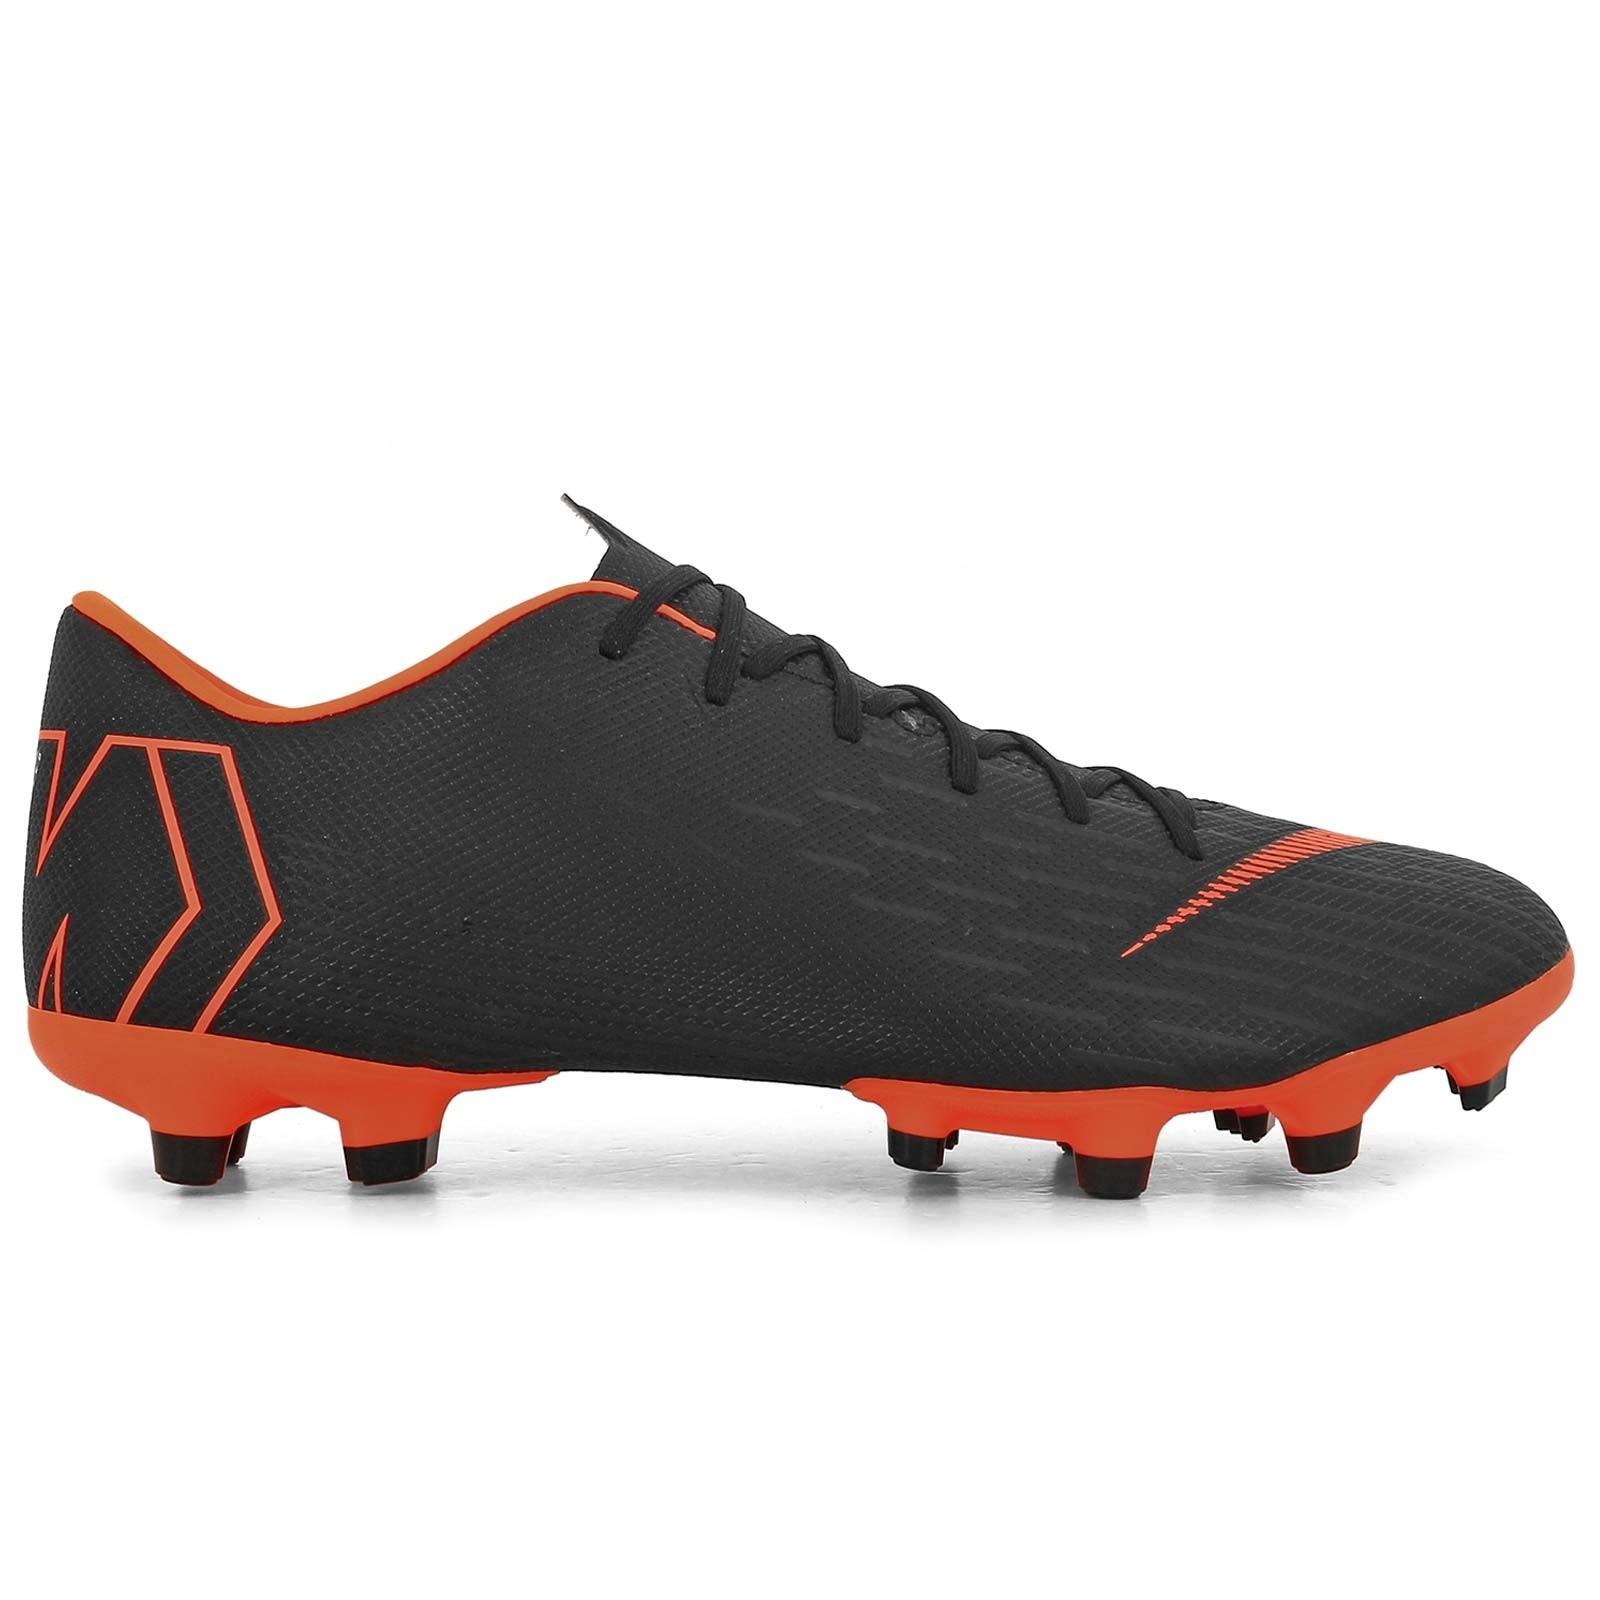 ah7375-081 botas-de-futbol-con-tacos-nike -vapor-12-academy-mg-naranja-negro 1 pie-derecho 2c9b6c7a135e2